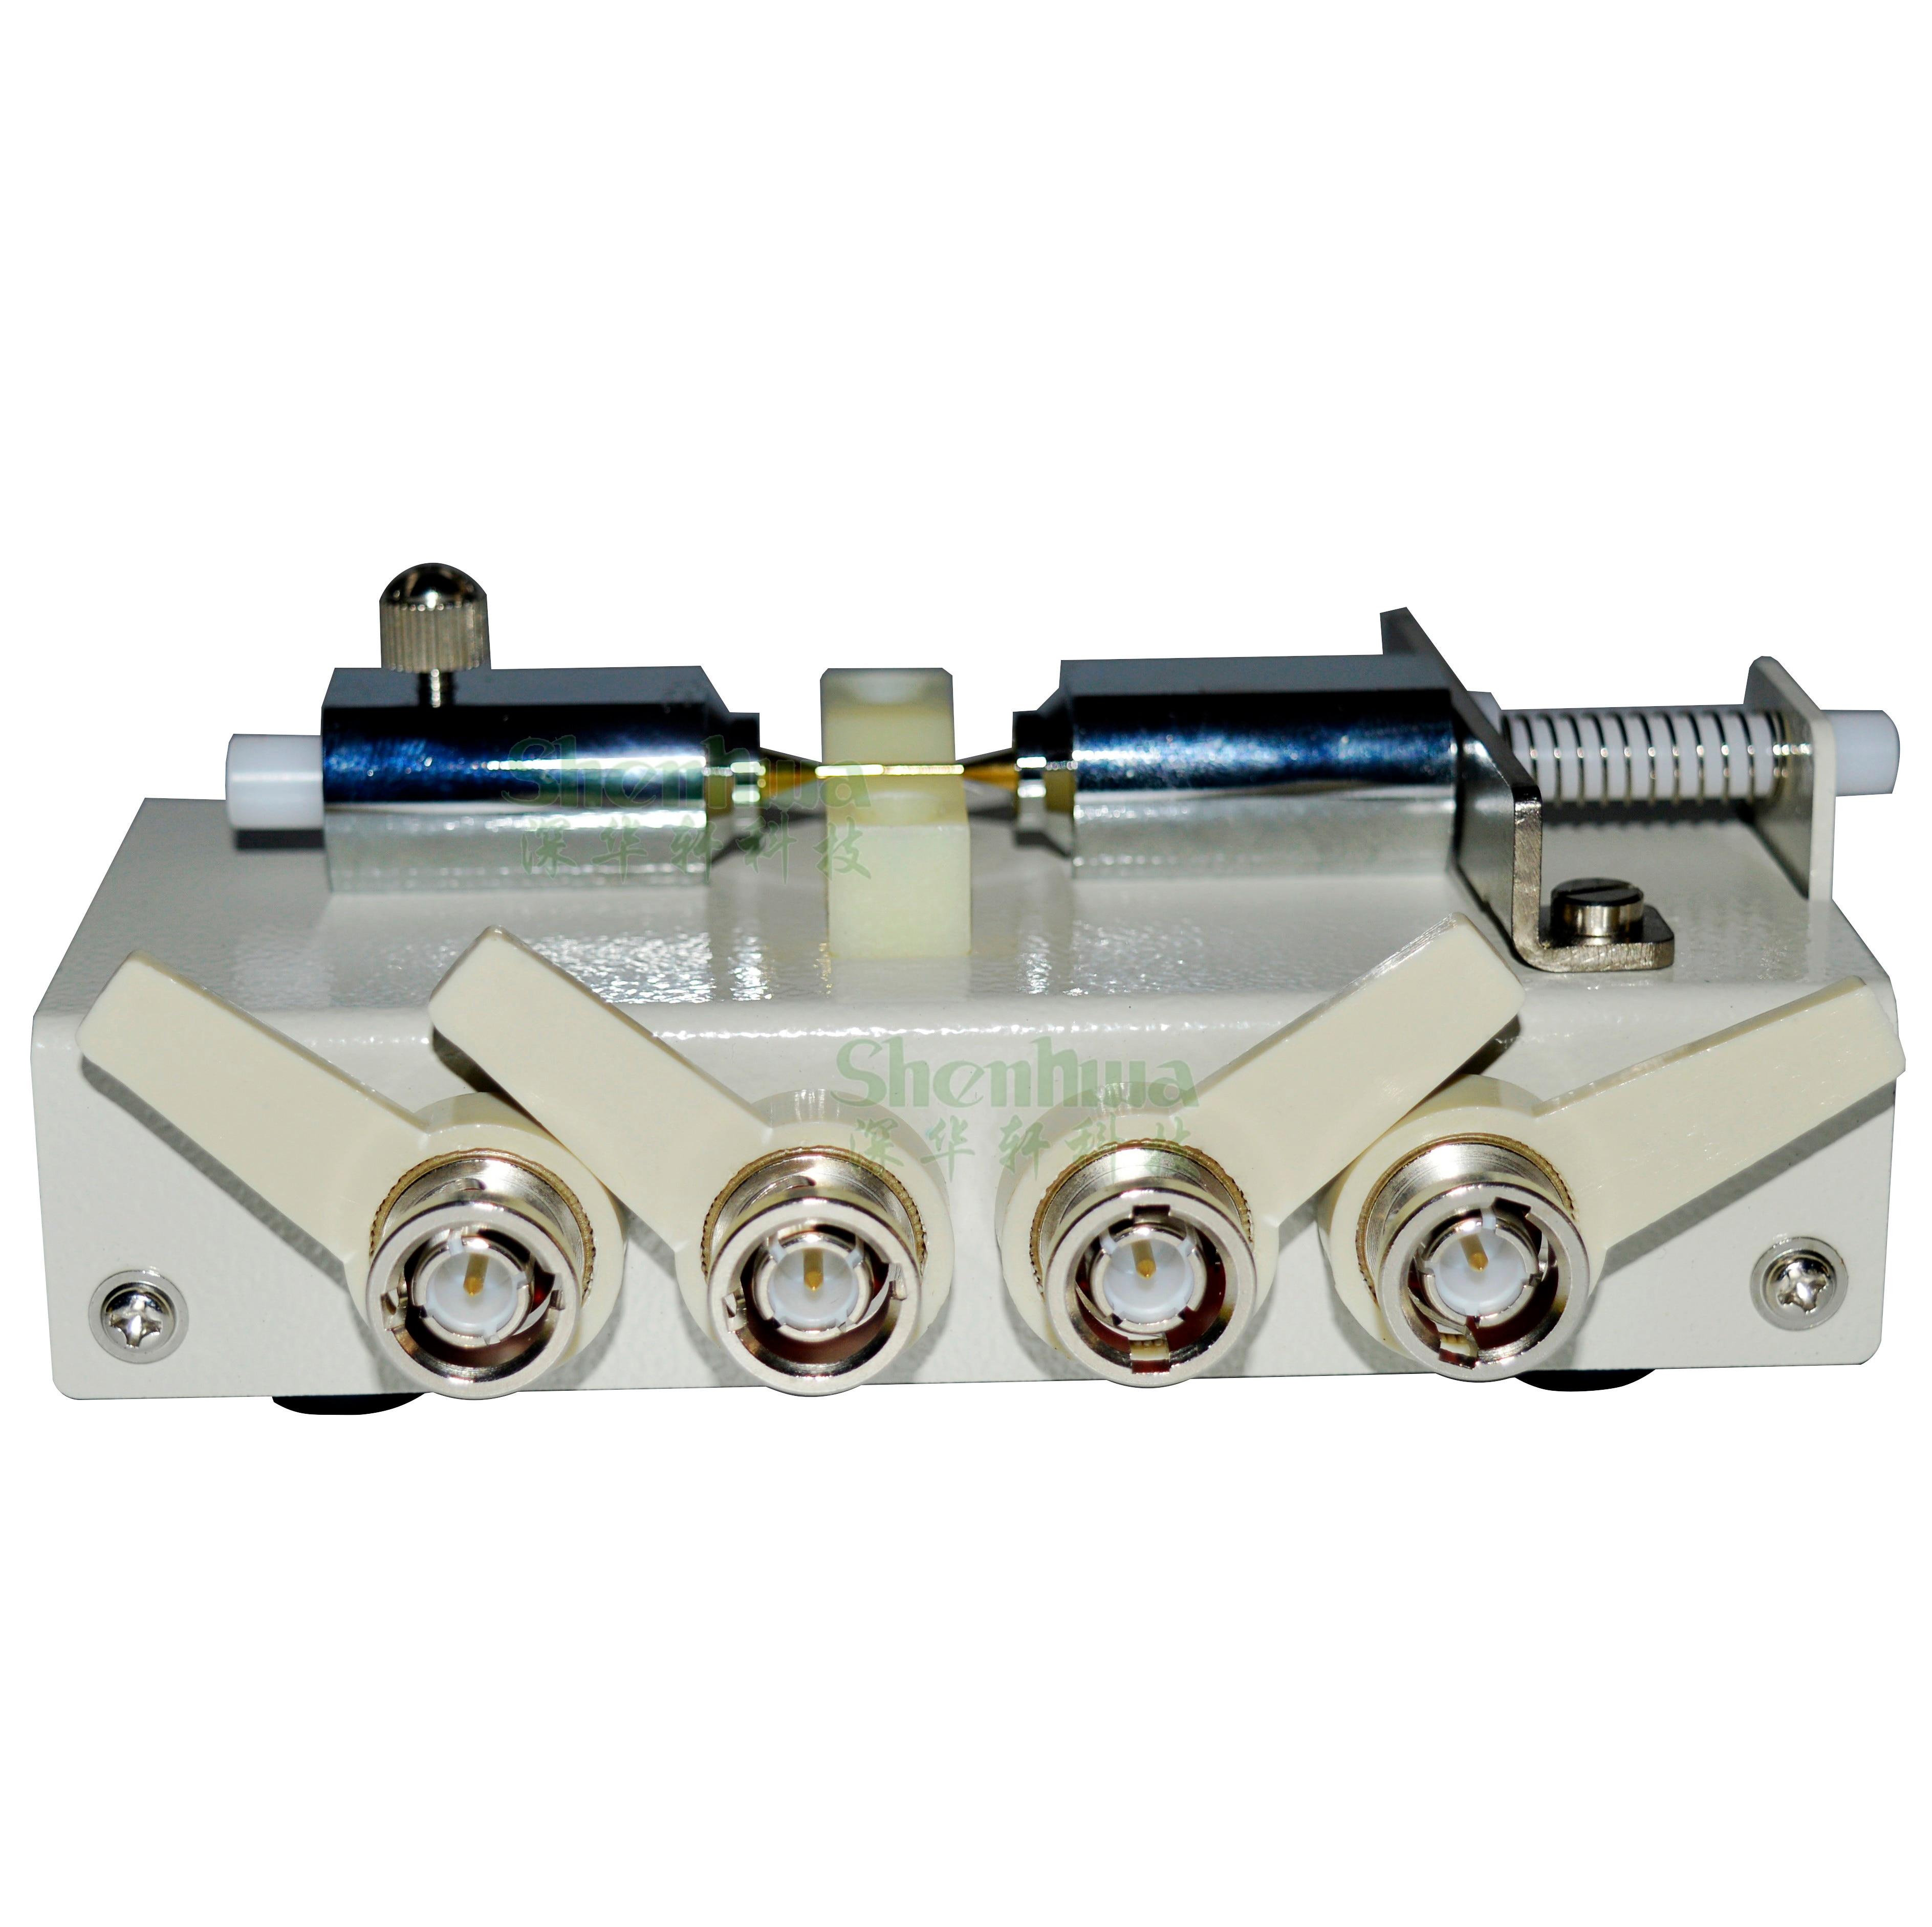 SMD Patch Components Test Fixture LCR Bridge Test Clip